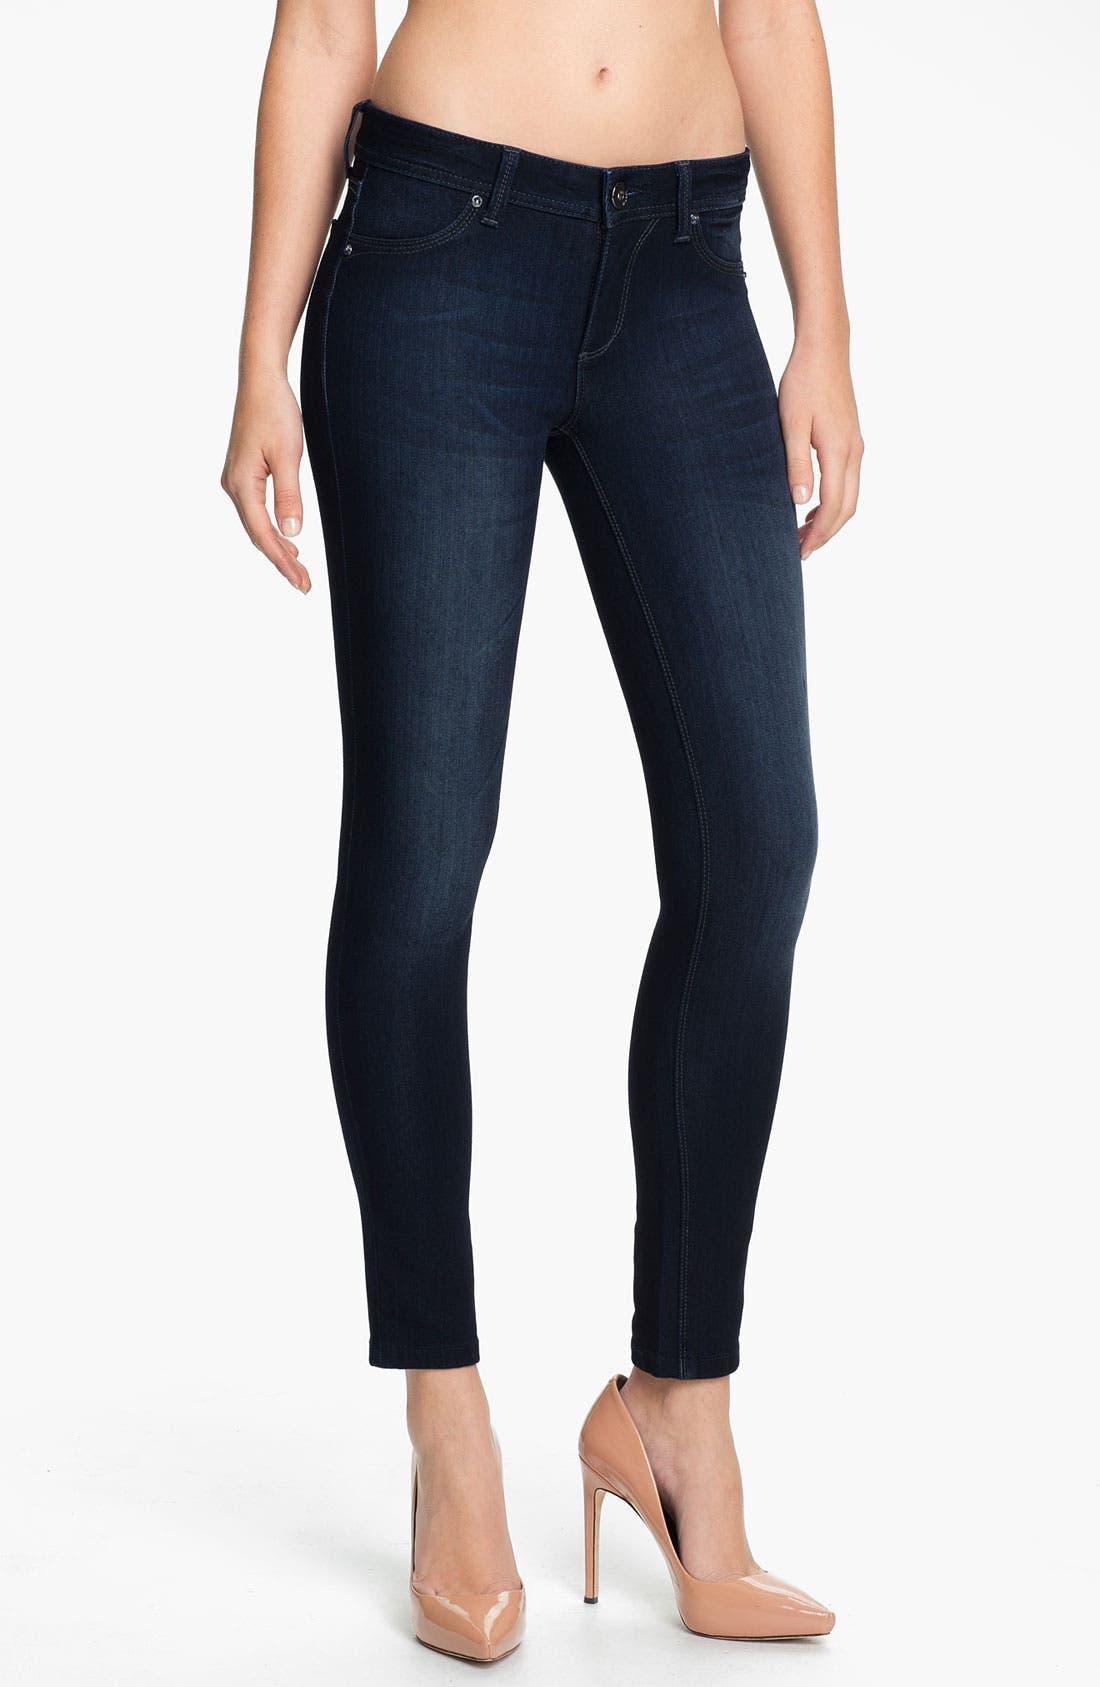 Alternate Image 1 Selected - DL1961 'Emma' Power Legging Jeans (Bloom)